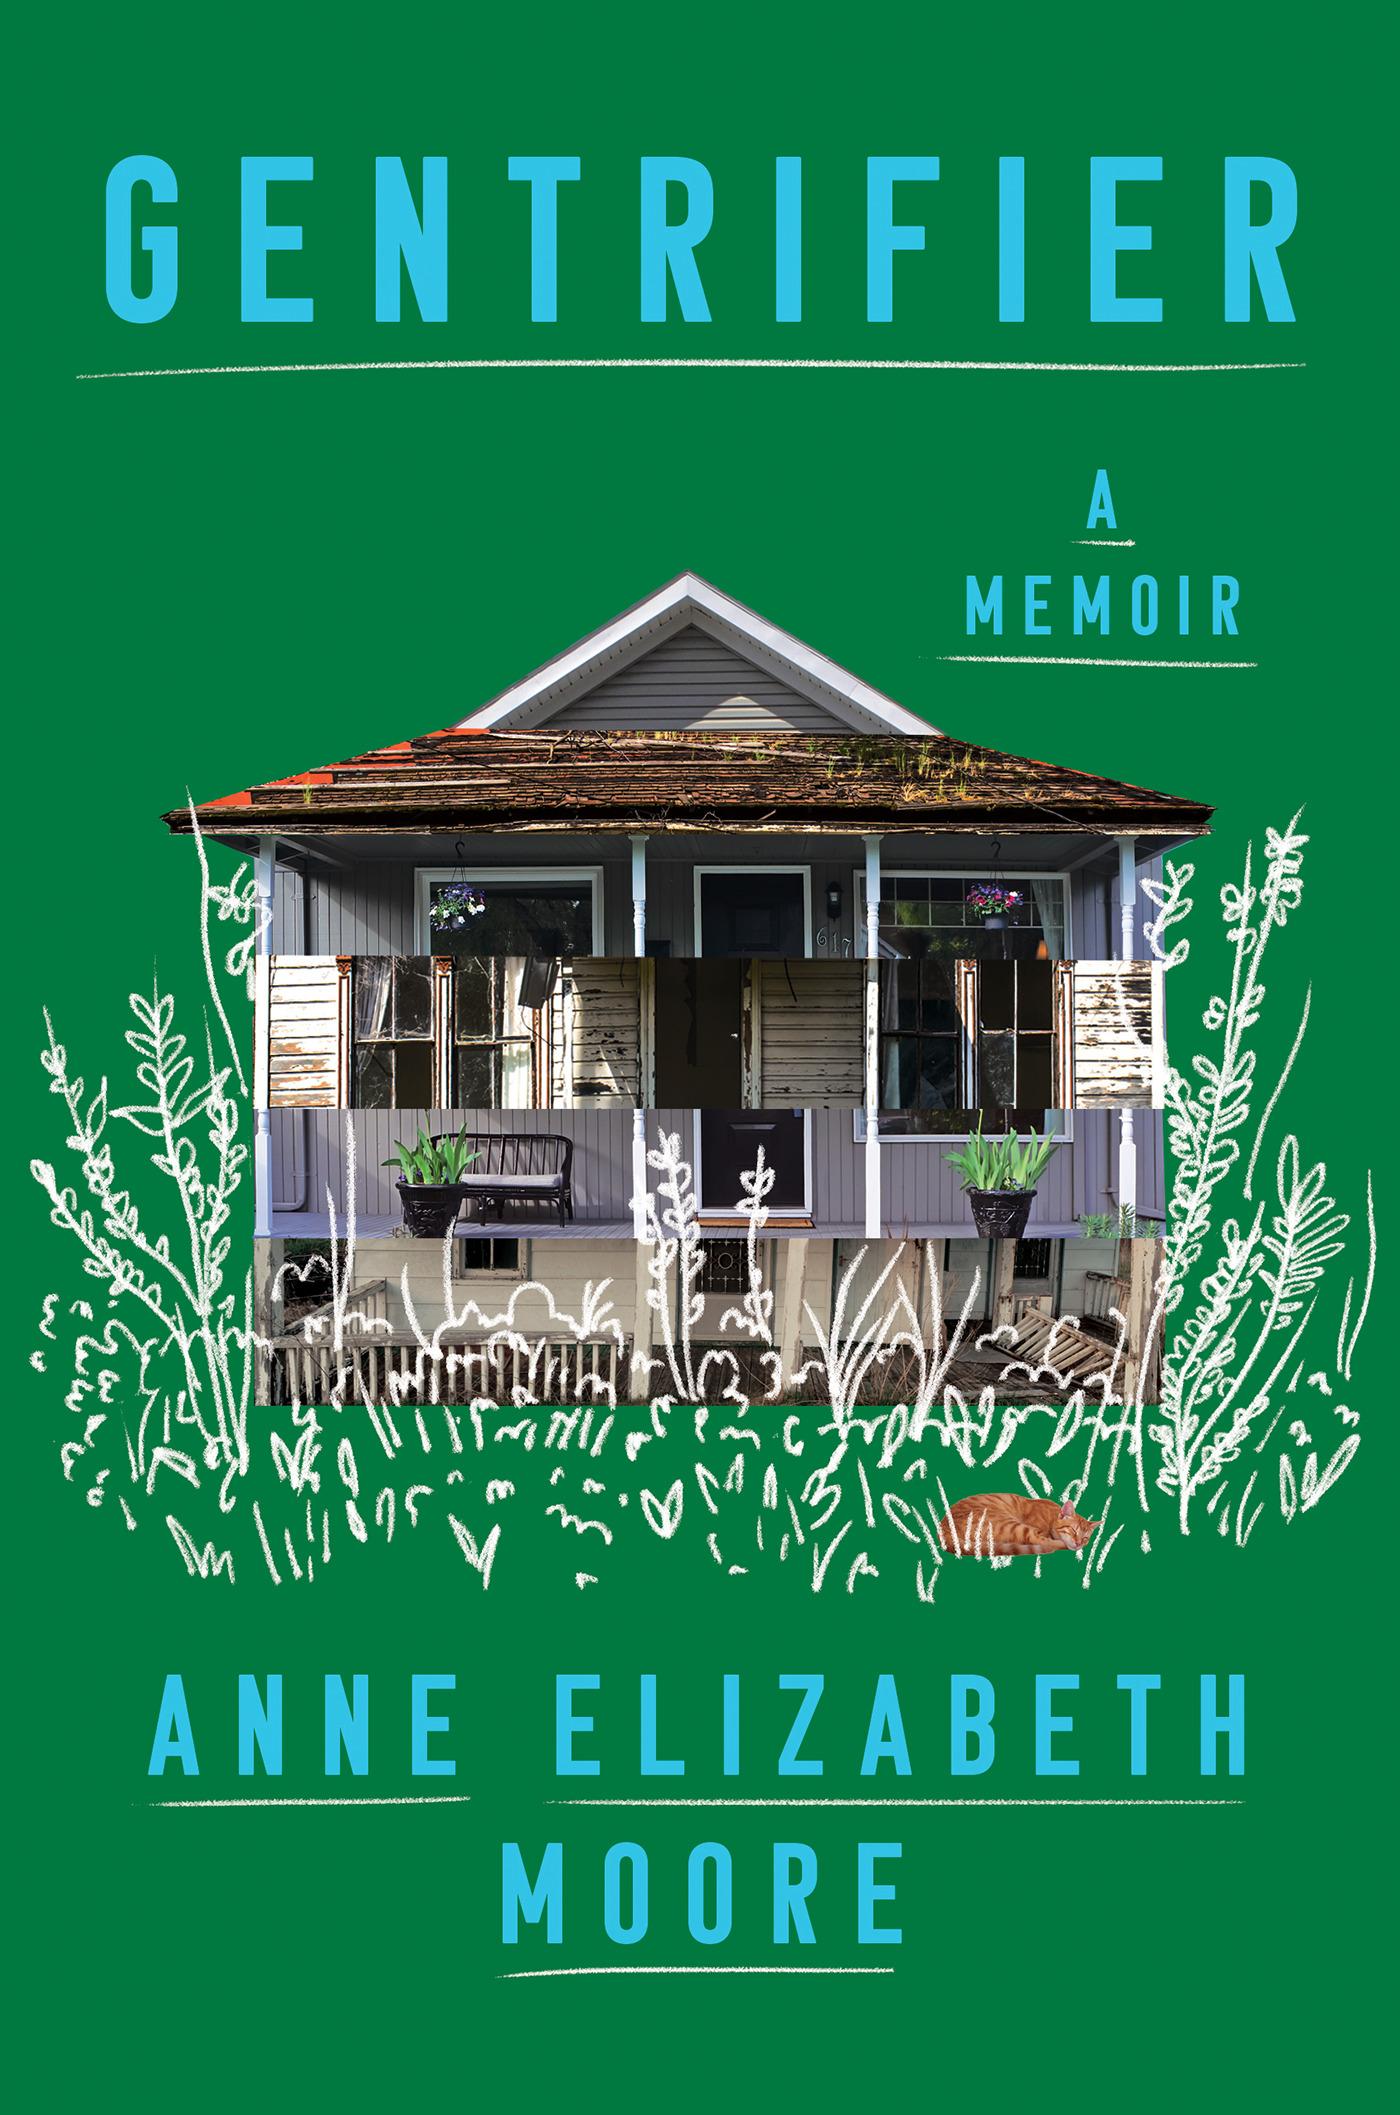 Gentrifier: A Memoir by Anne Elizabeth Moore